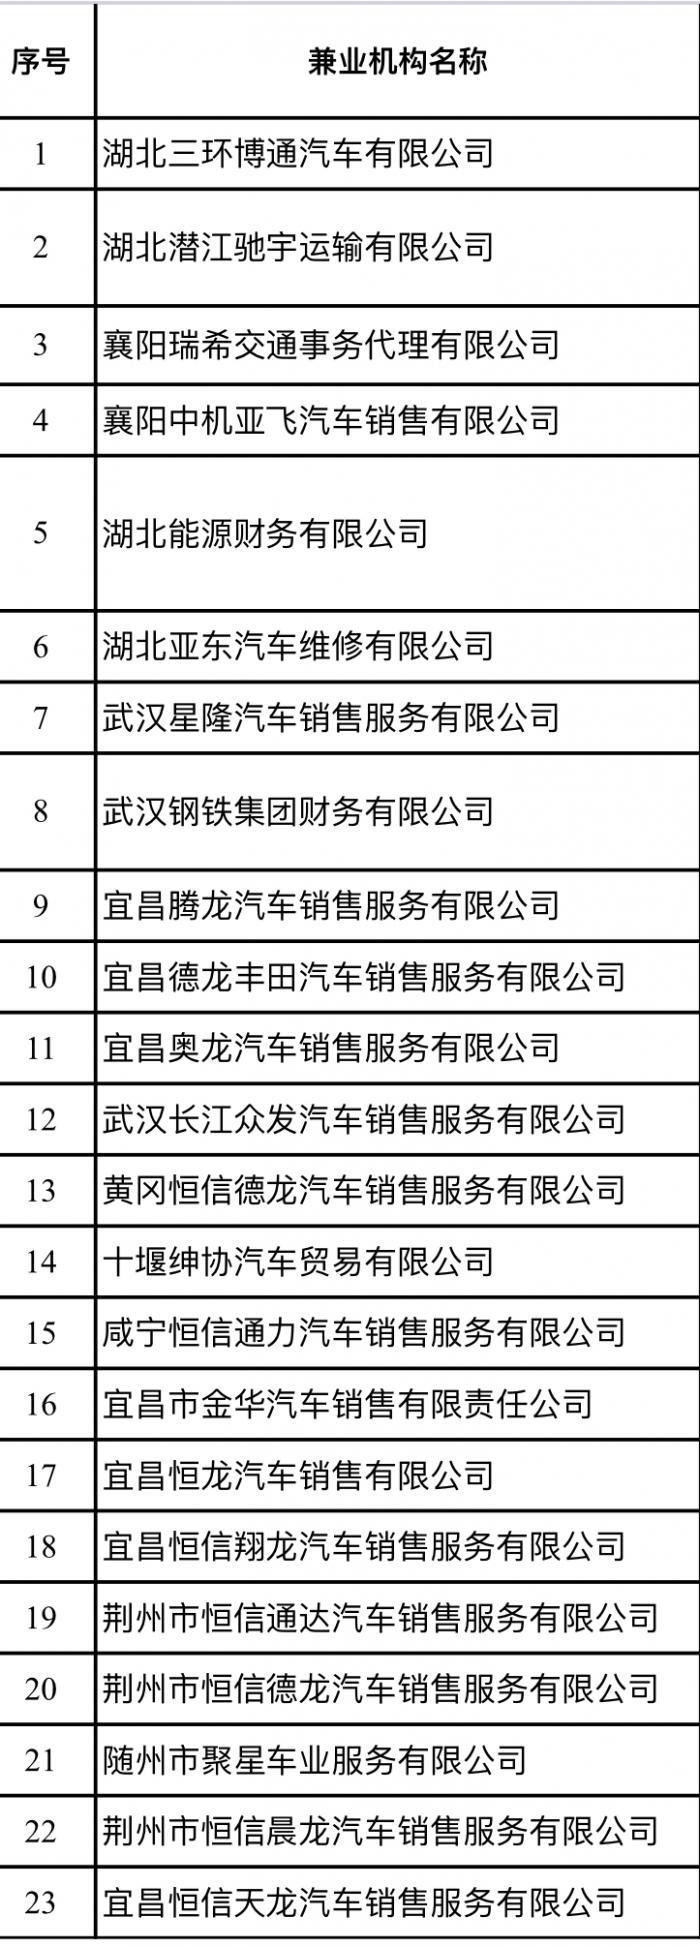 湖北银保监注销23家机构保险兼业代理资质